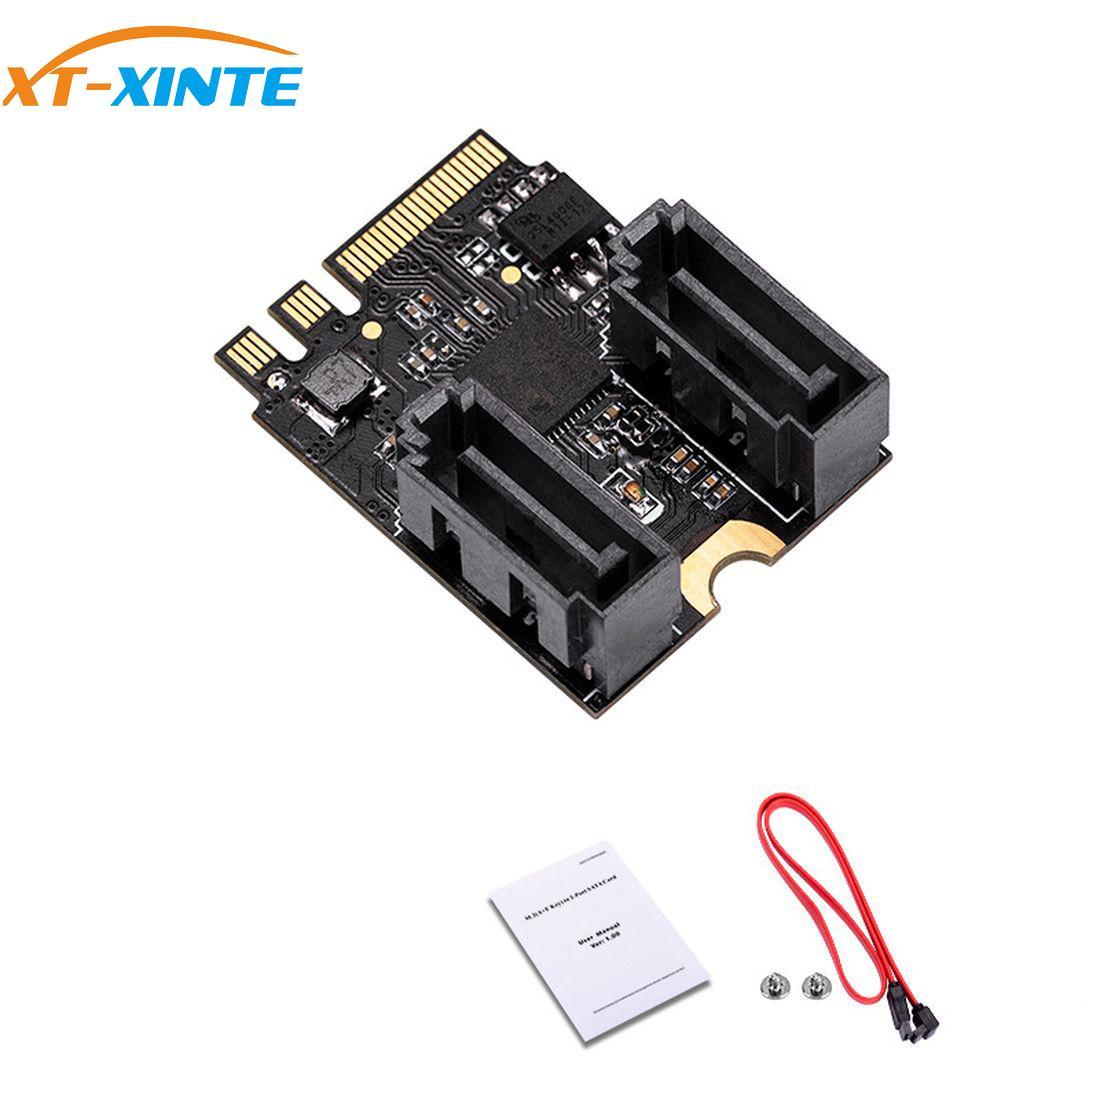 سائق مجانا محول بطاقة ل M.2 ل Ngff إلى Sata3 A-مفتاح + E-مفتاح إلى 2 منافذ SATA 6Gbp/s بكيي 3.0 حافلة ل Wifi SSD HDD PC